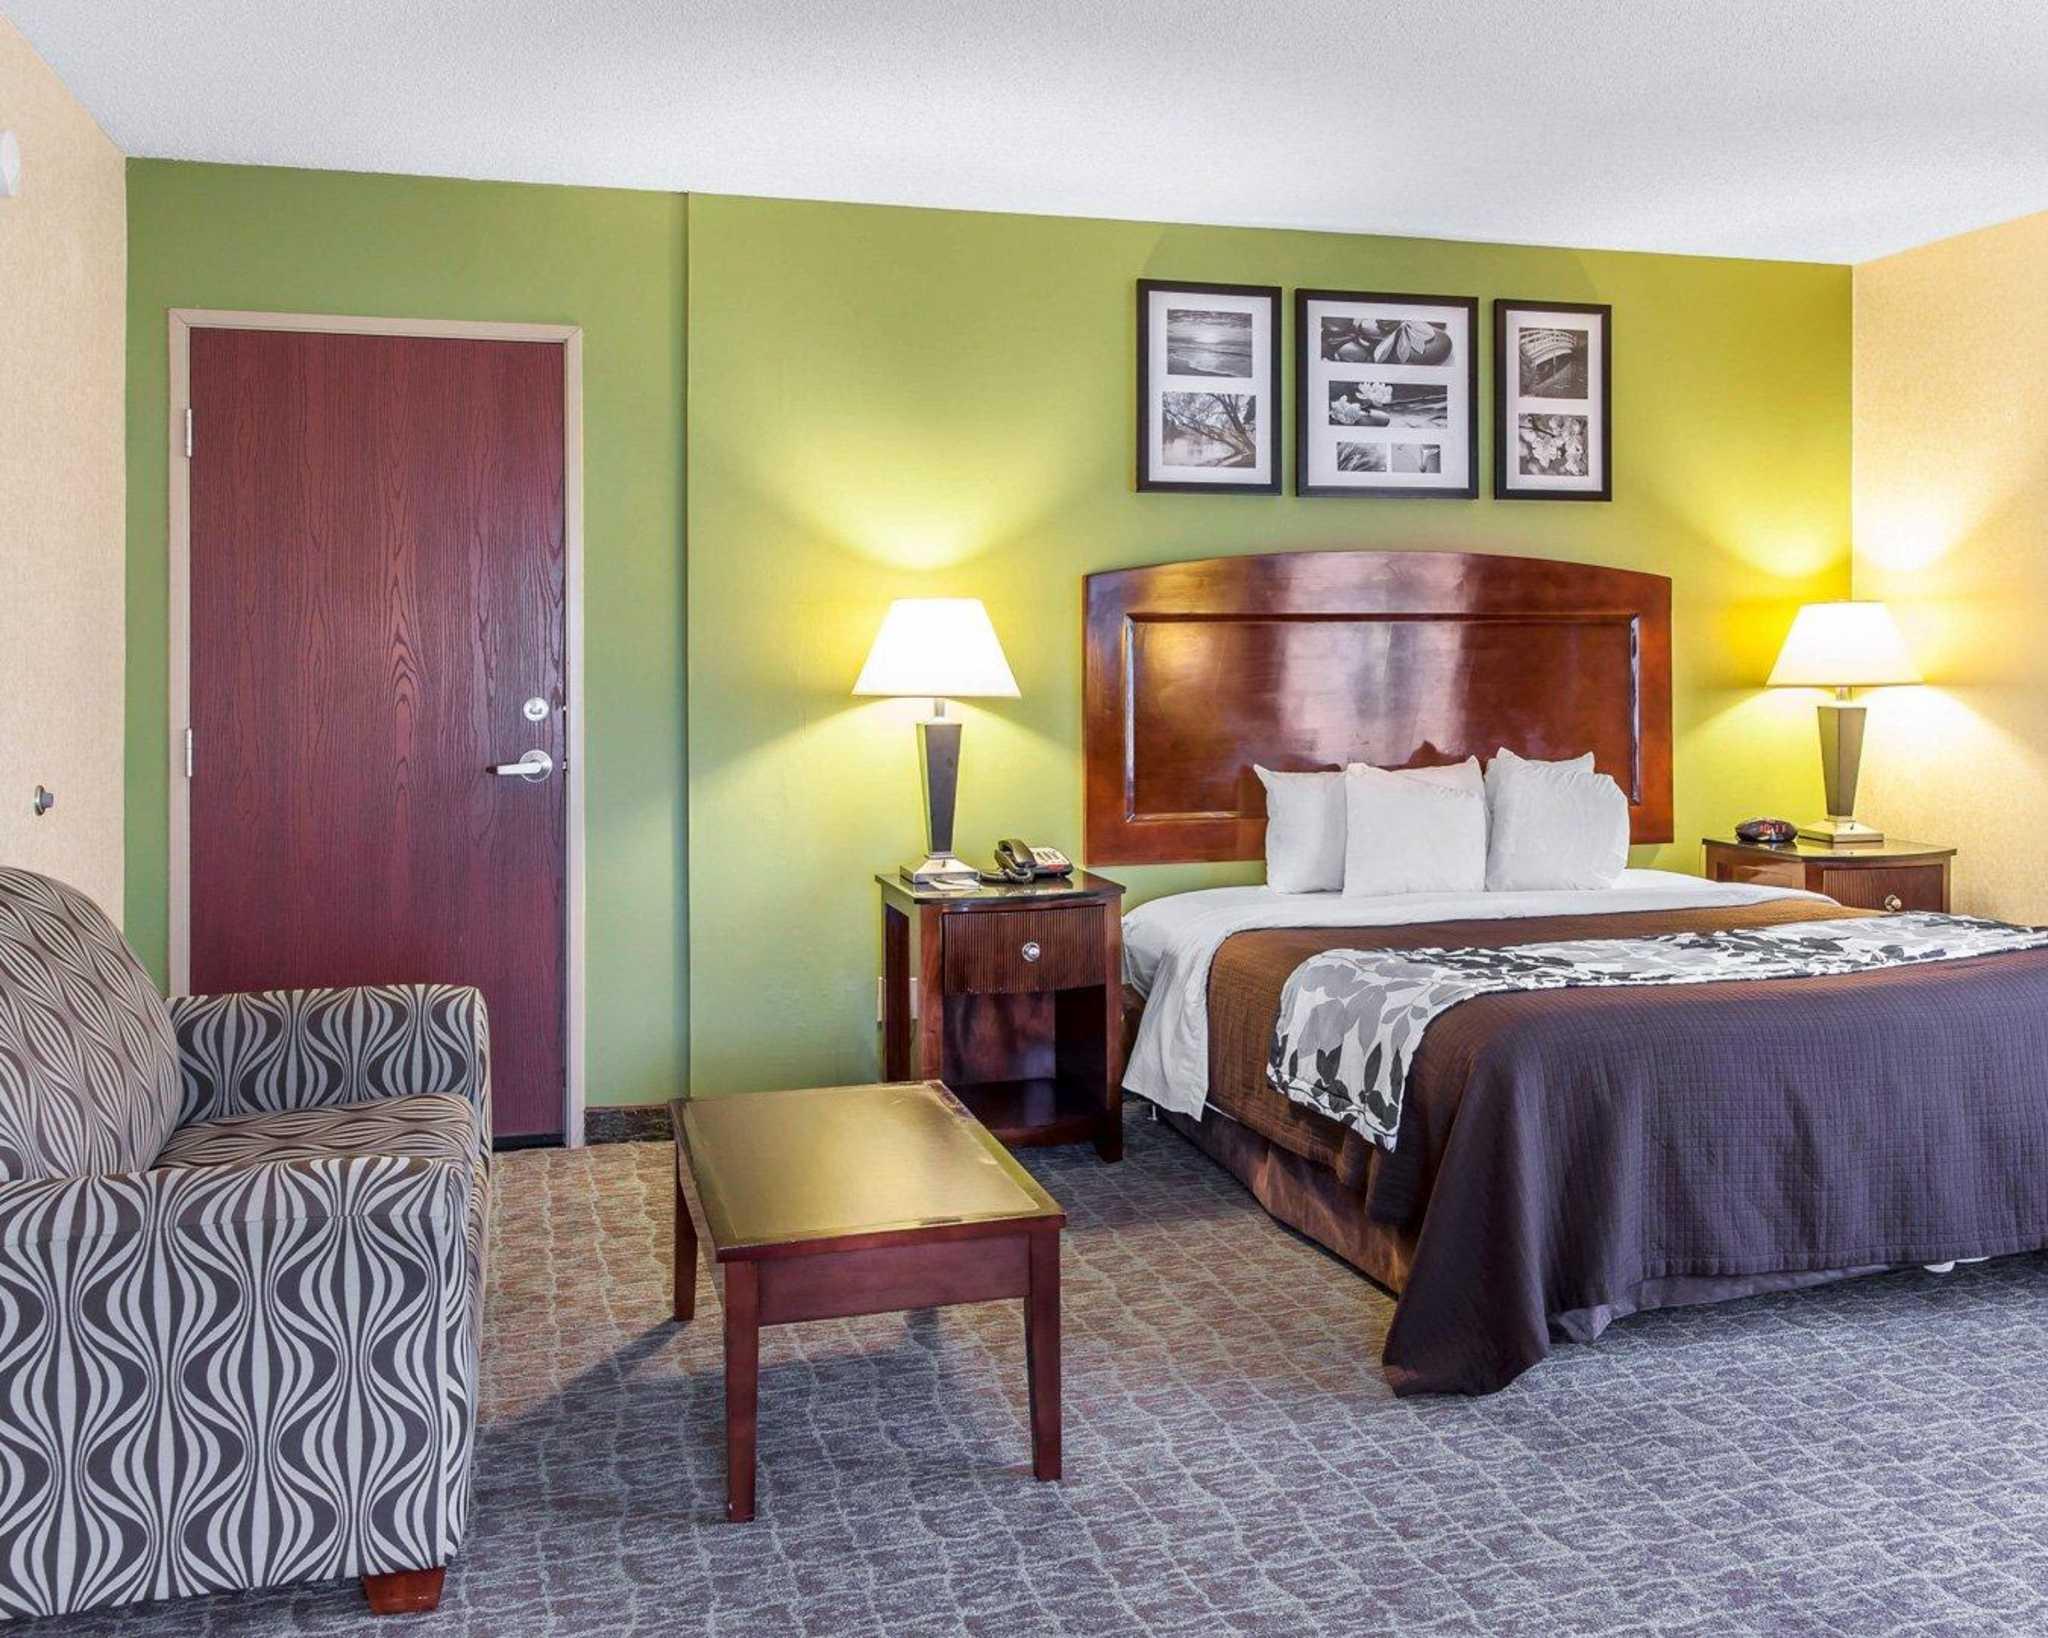 Sleep Inn & Suites Upper Marlboro near Andrews AFB image 9